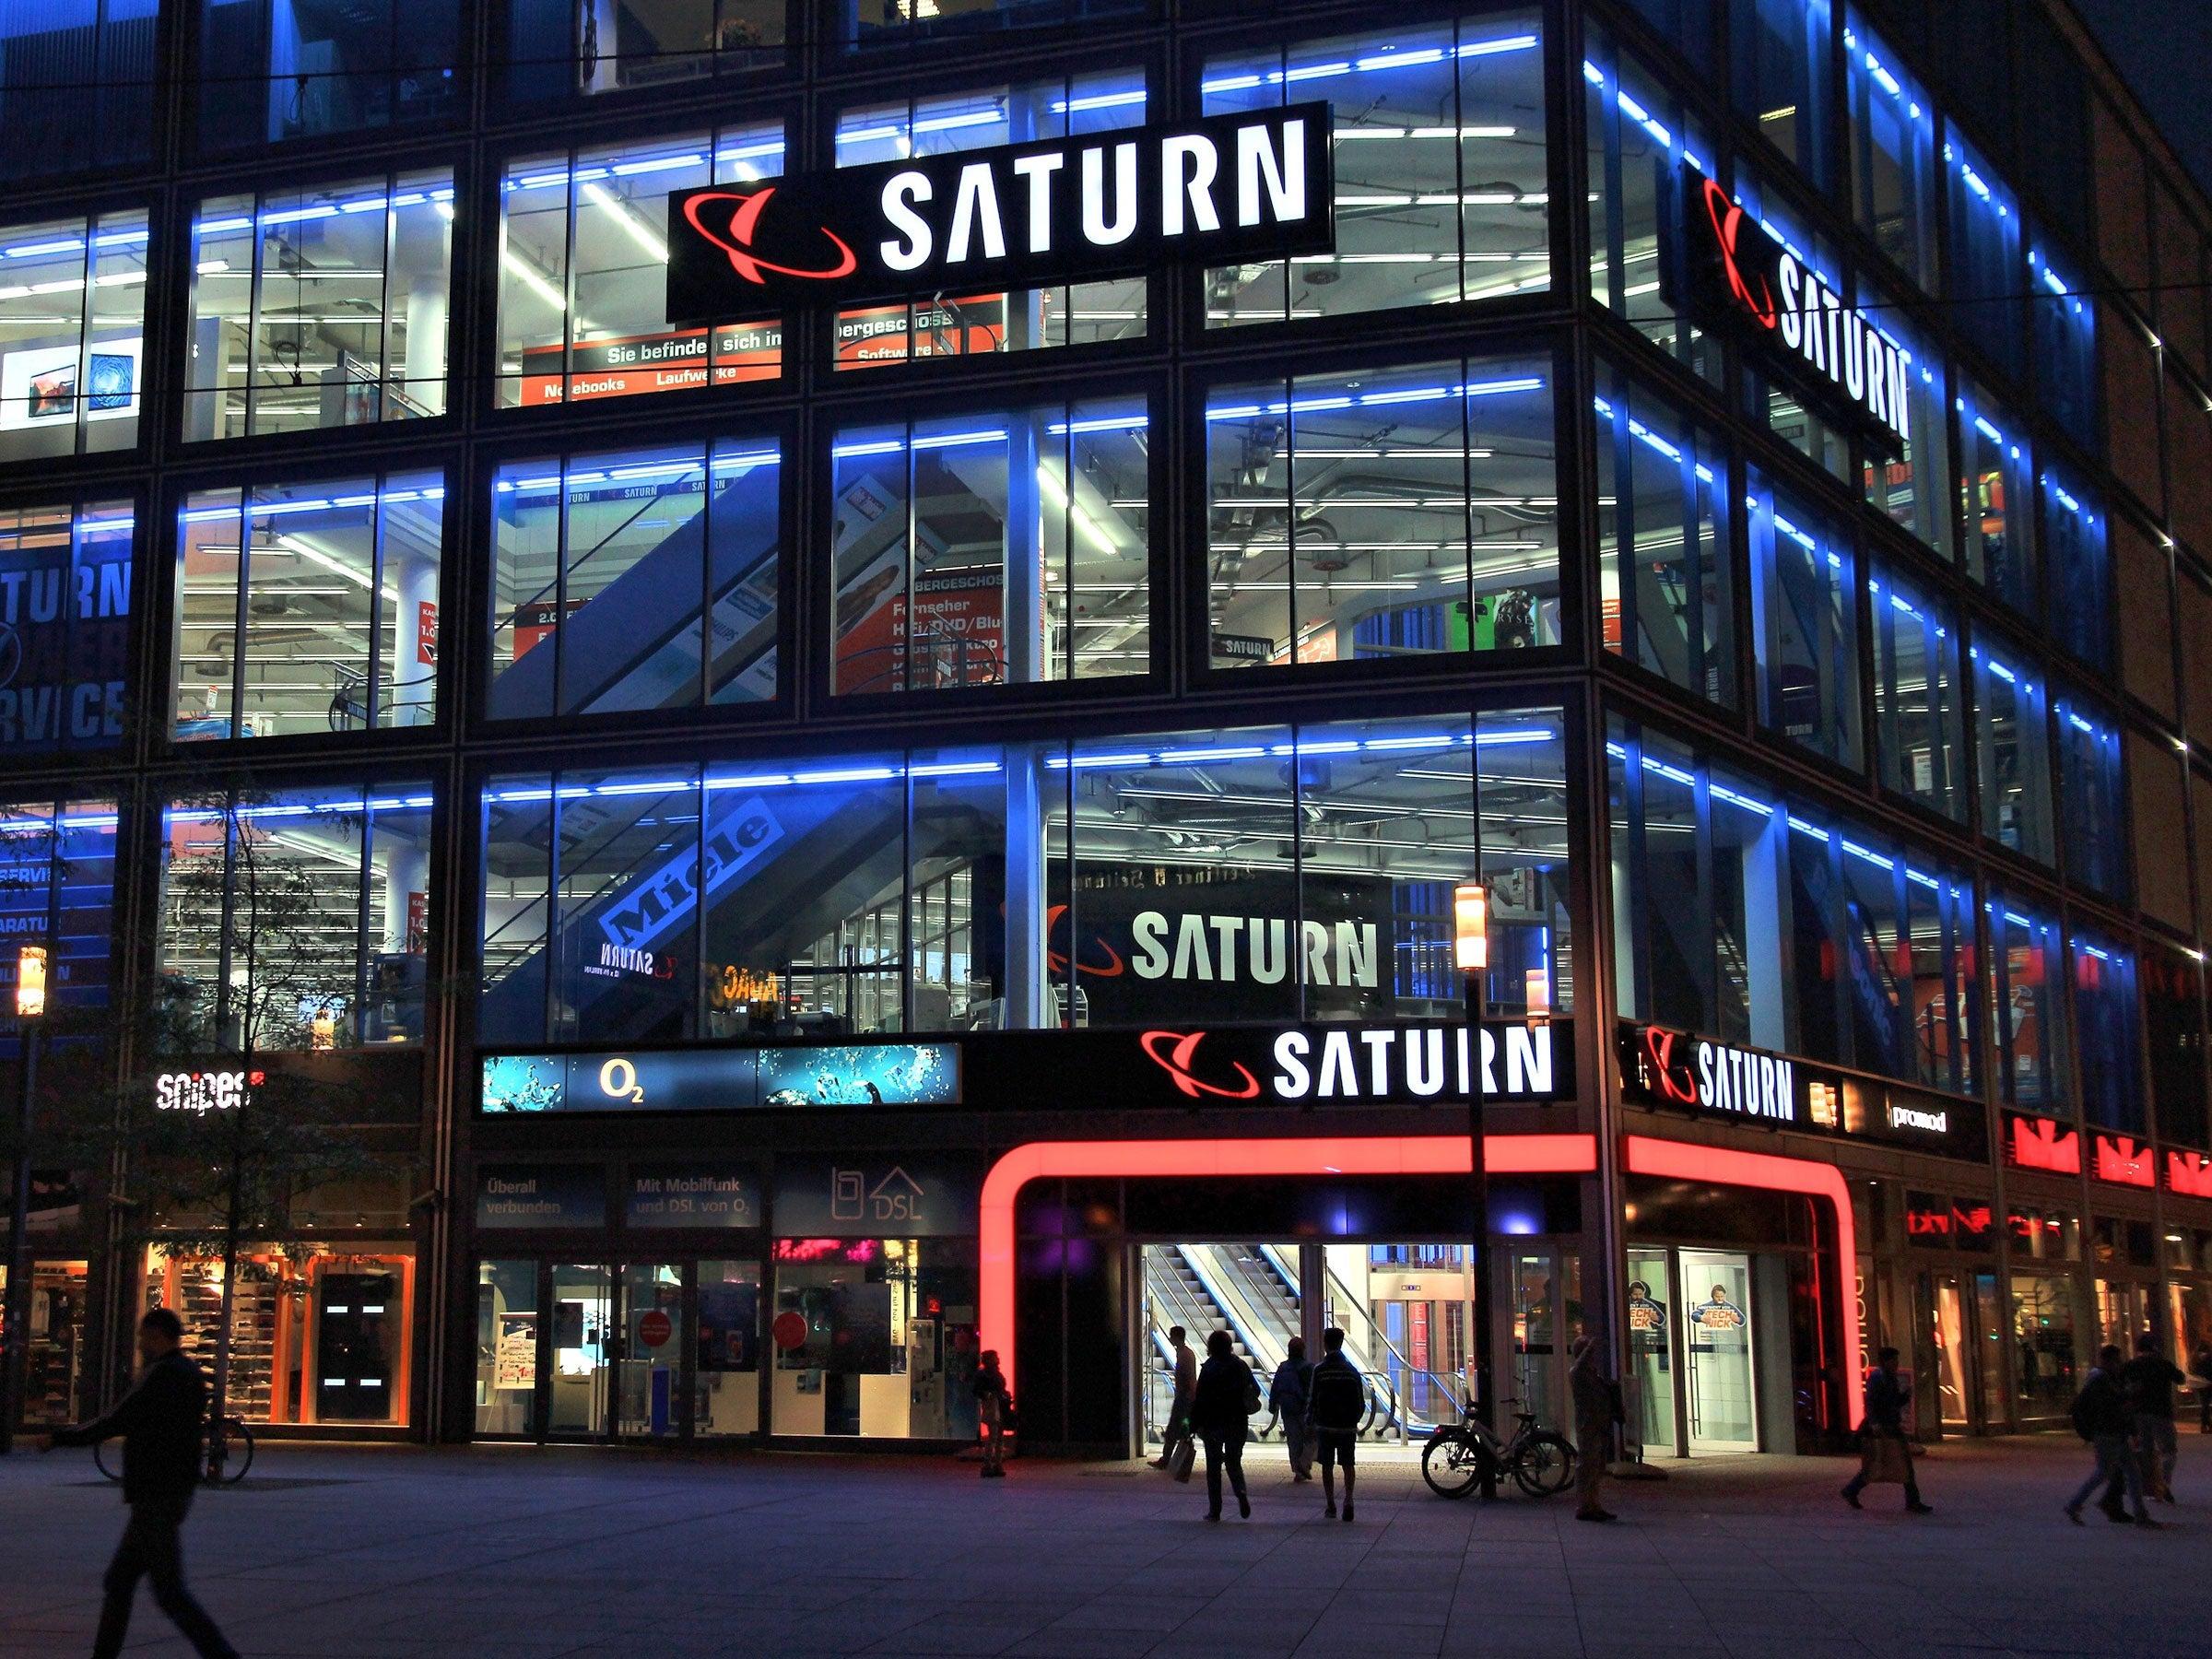 Super Bowl Aktion 2021 gestartet: 48 Stunden Schnäppchen-Marathon bei Saturn - inside digital